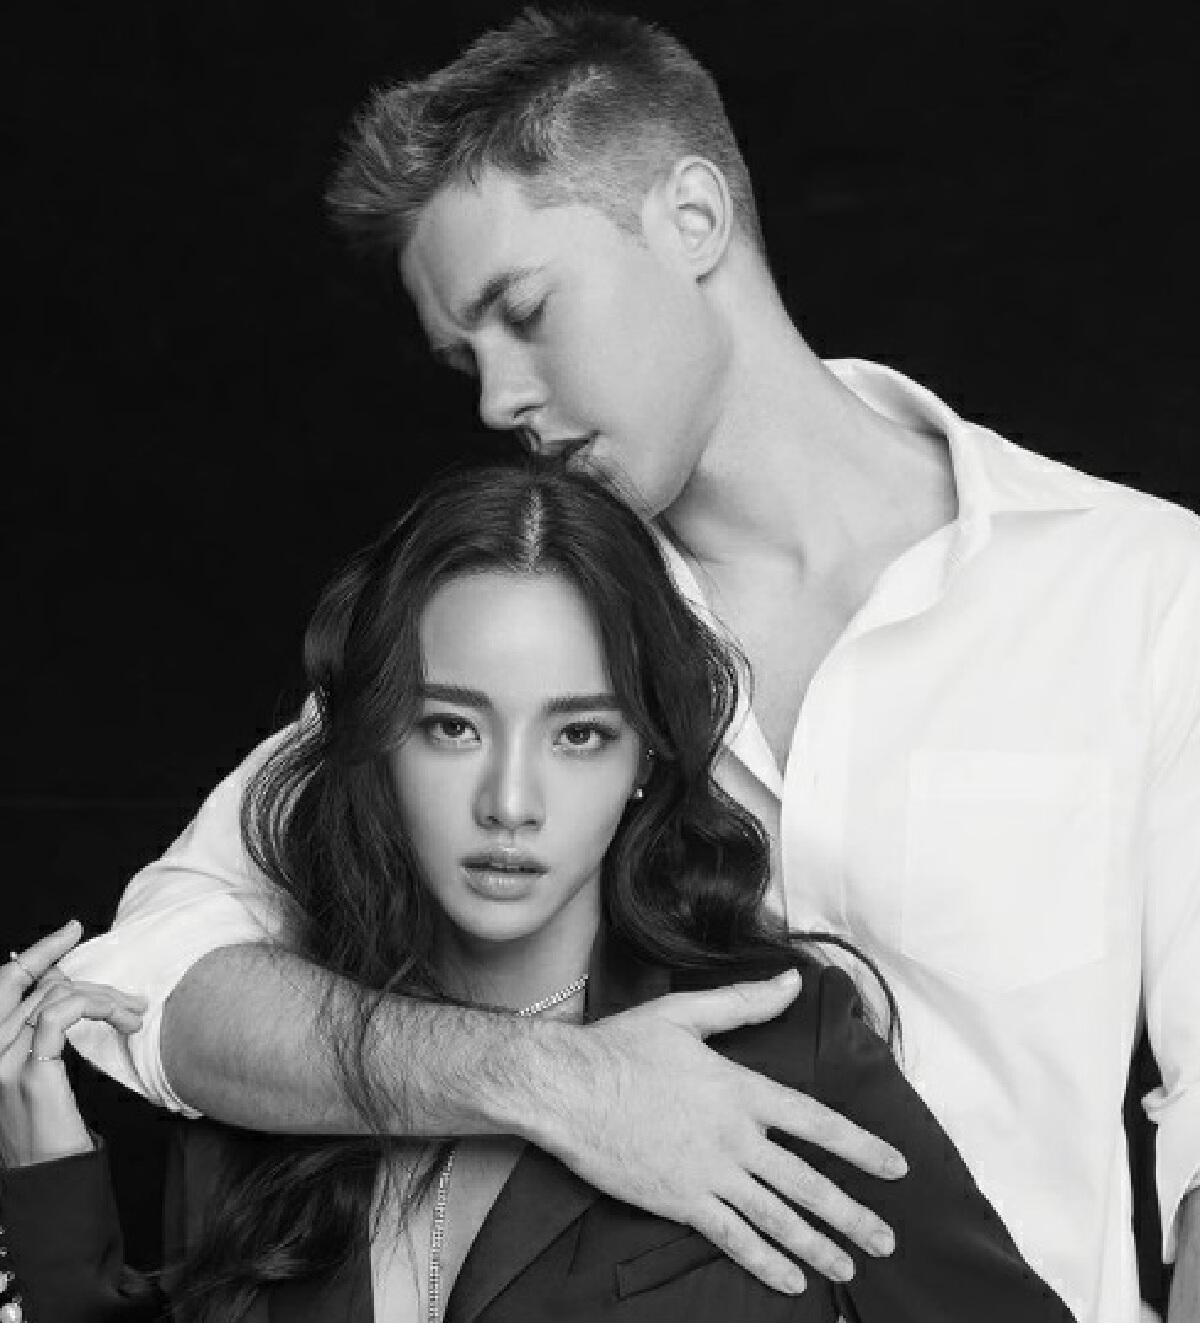 วาววา ณิชชา  อวดรูปคู่หวานแฟนหนุ่ม คล้ายถ่ายพรีเวดดิ้ง